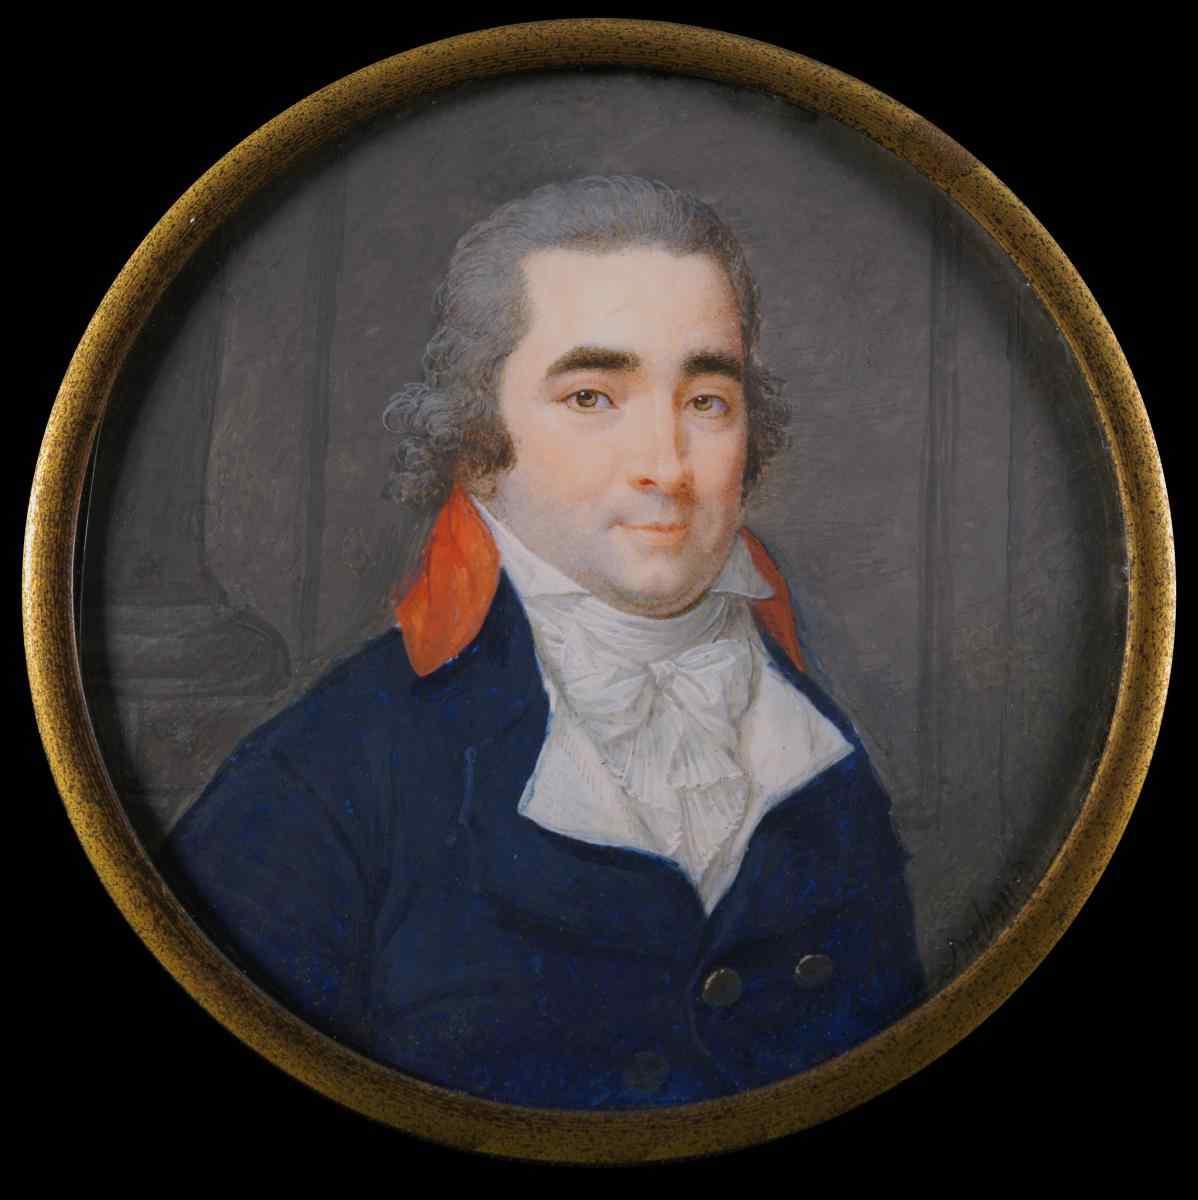 Dubourg, Ritratto di un giovane, in miniatura